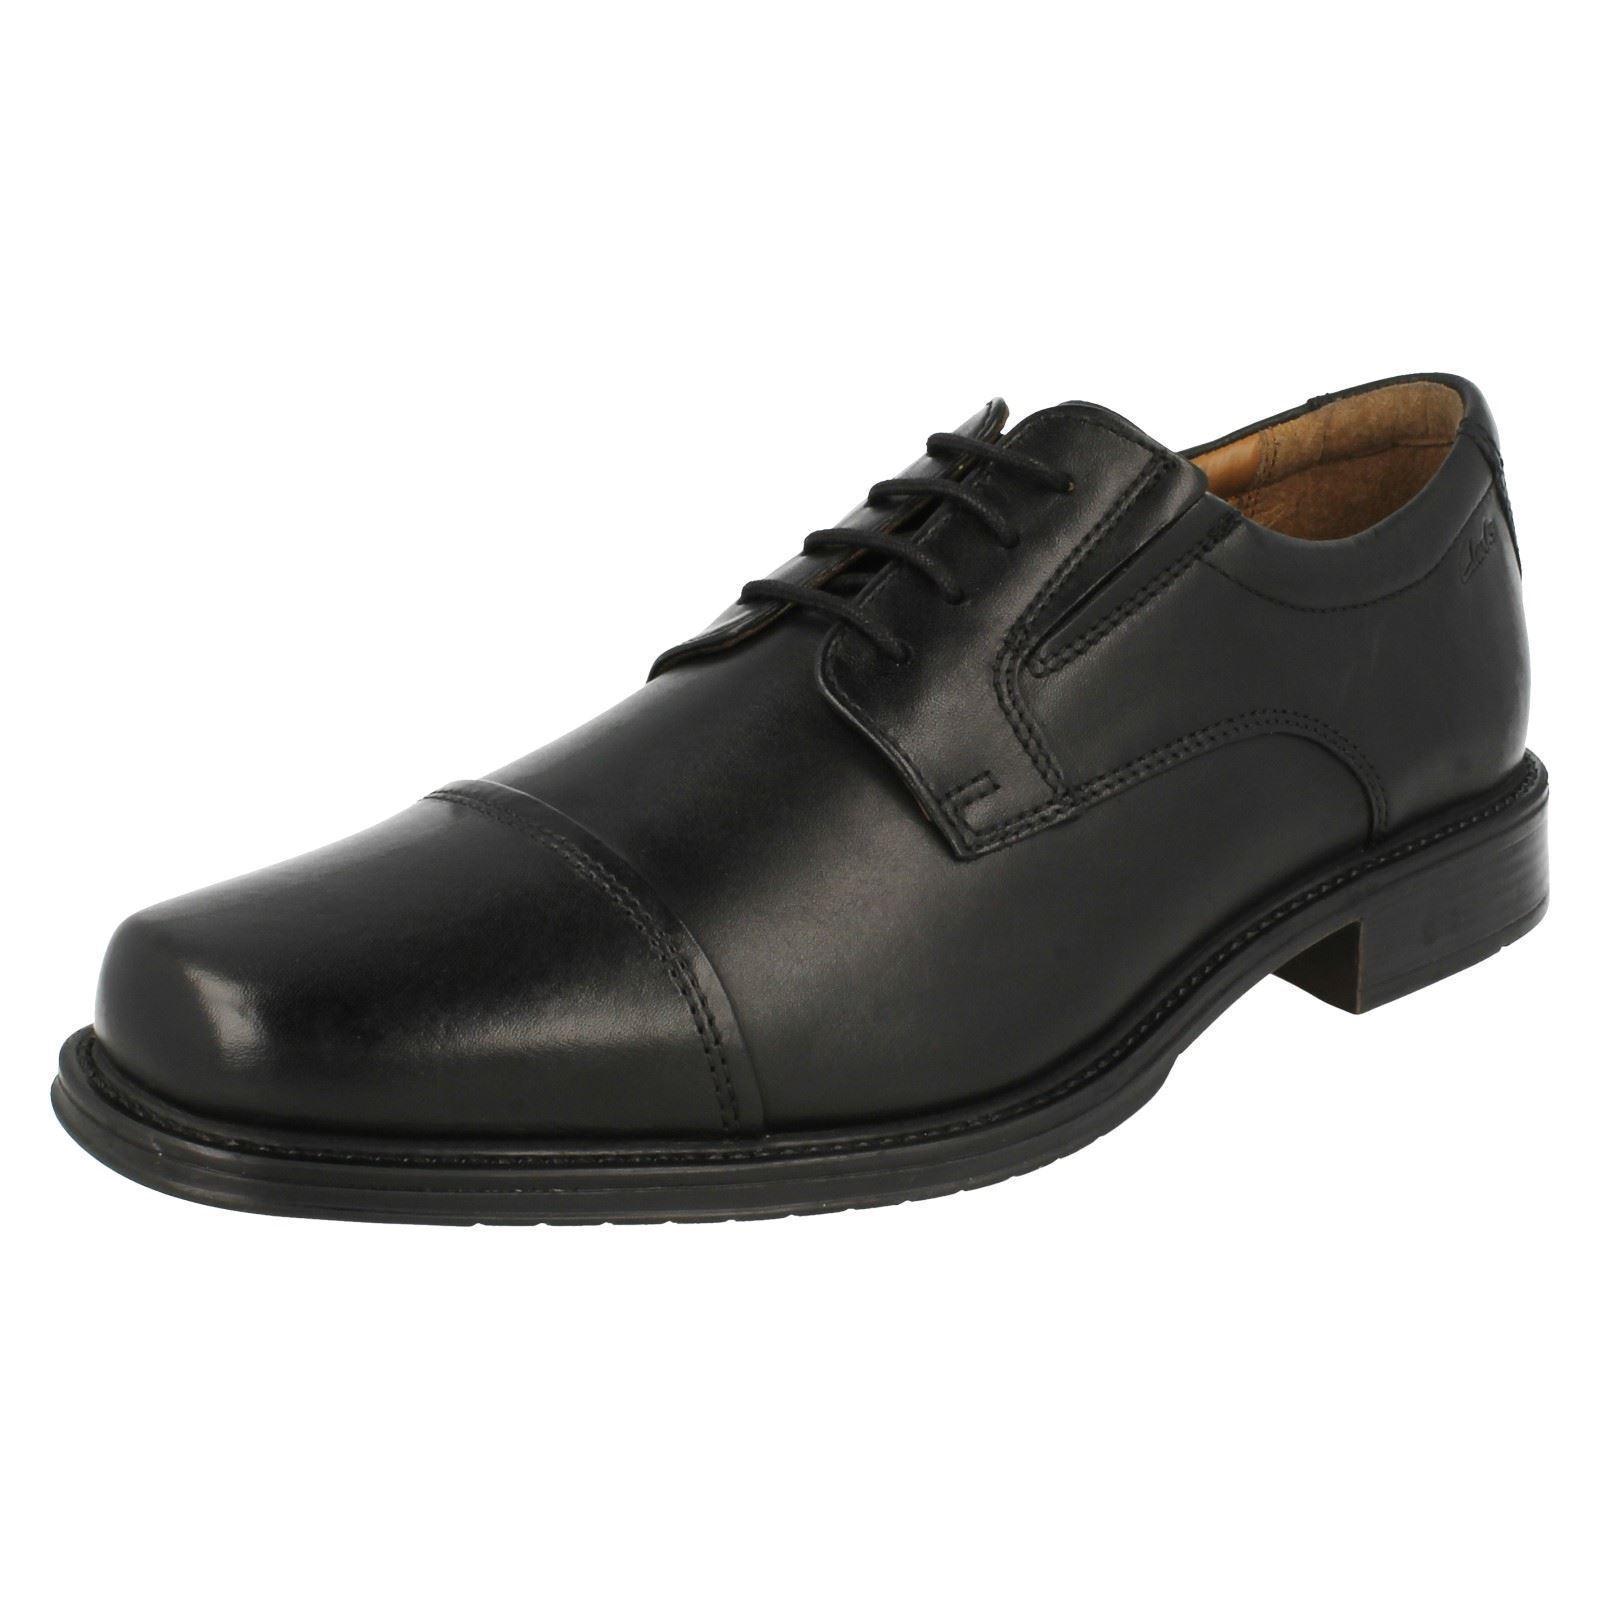 Herren Clarks Leder Smart schnürbar Büro formelle Zehenkappe Schuh Größe Driggs